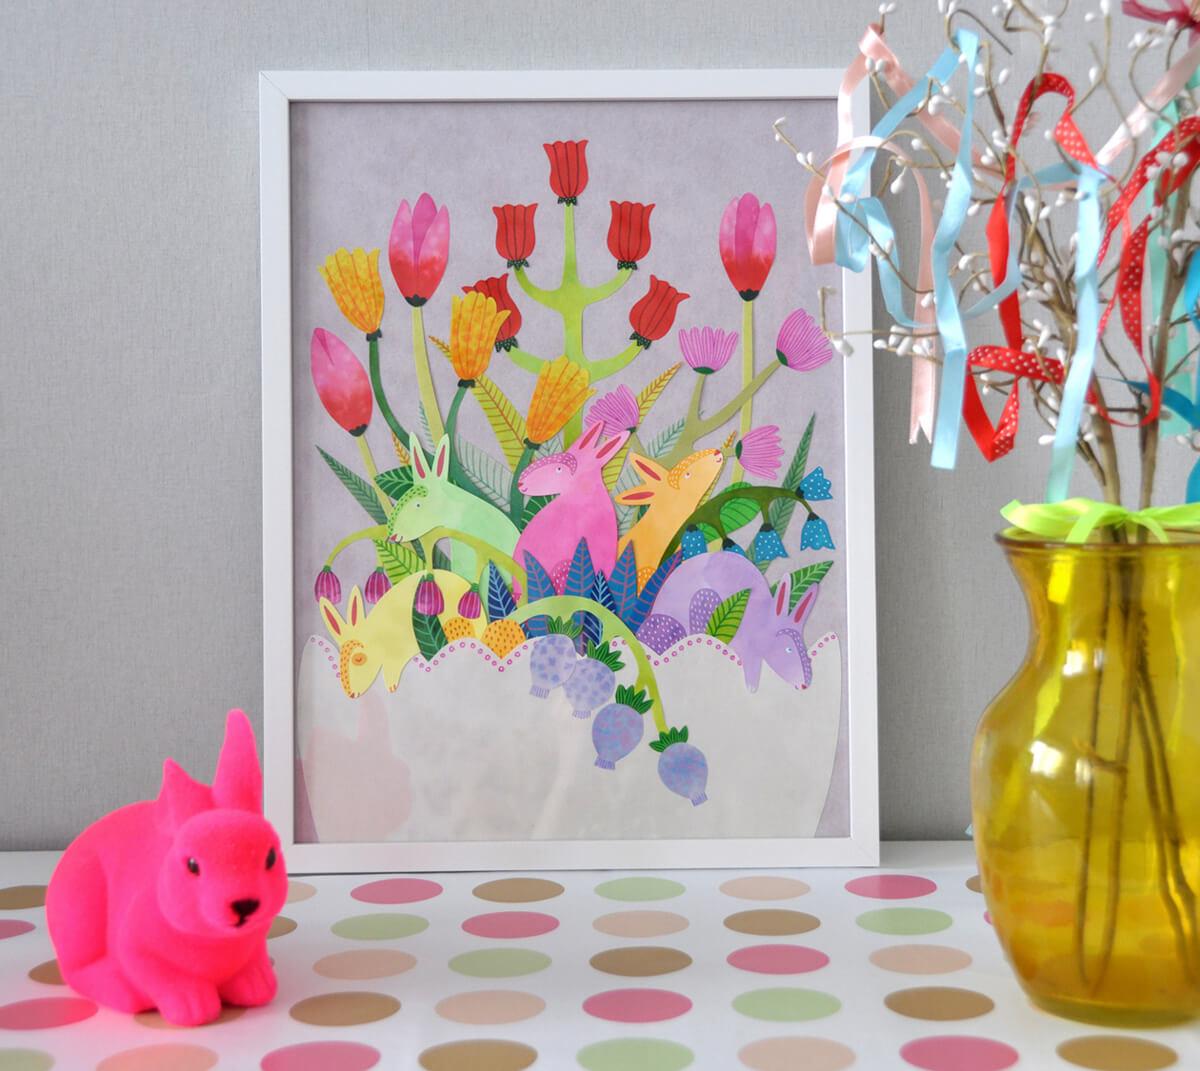 Sanne Bruinsma Illustraties & Vormgeving illustratie spring lente bunnies print lijst interieur pasen pastel kleuren neon konijn vaas inrichting huis decoratie